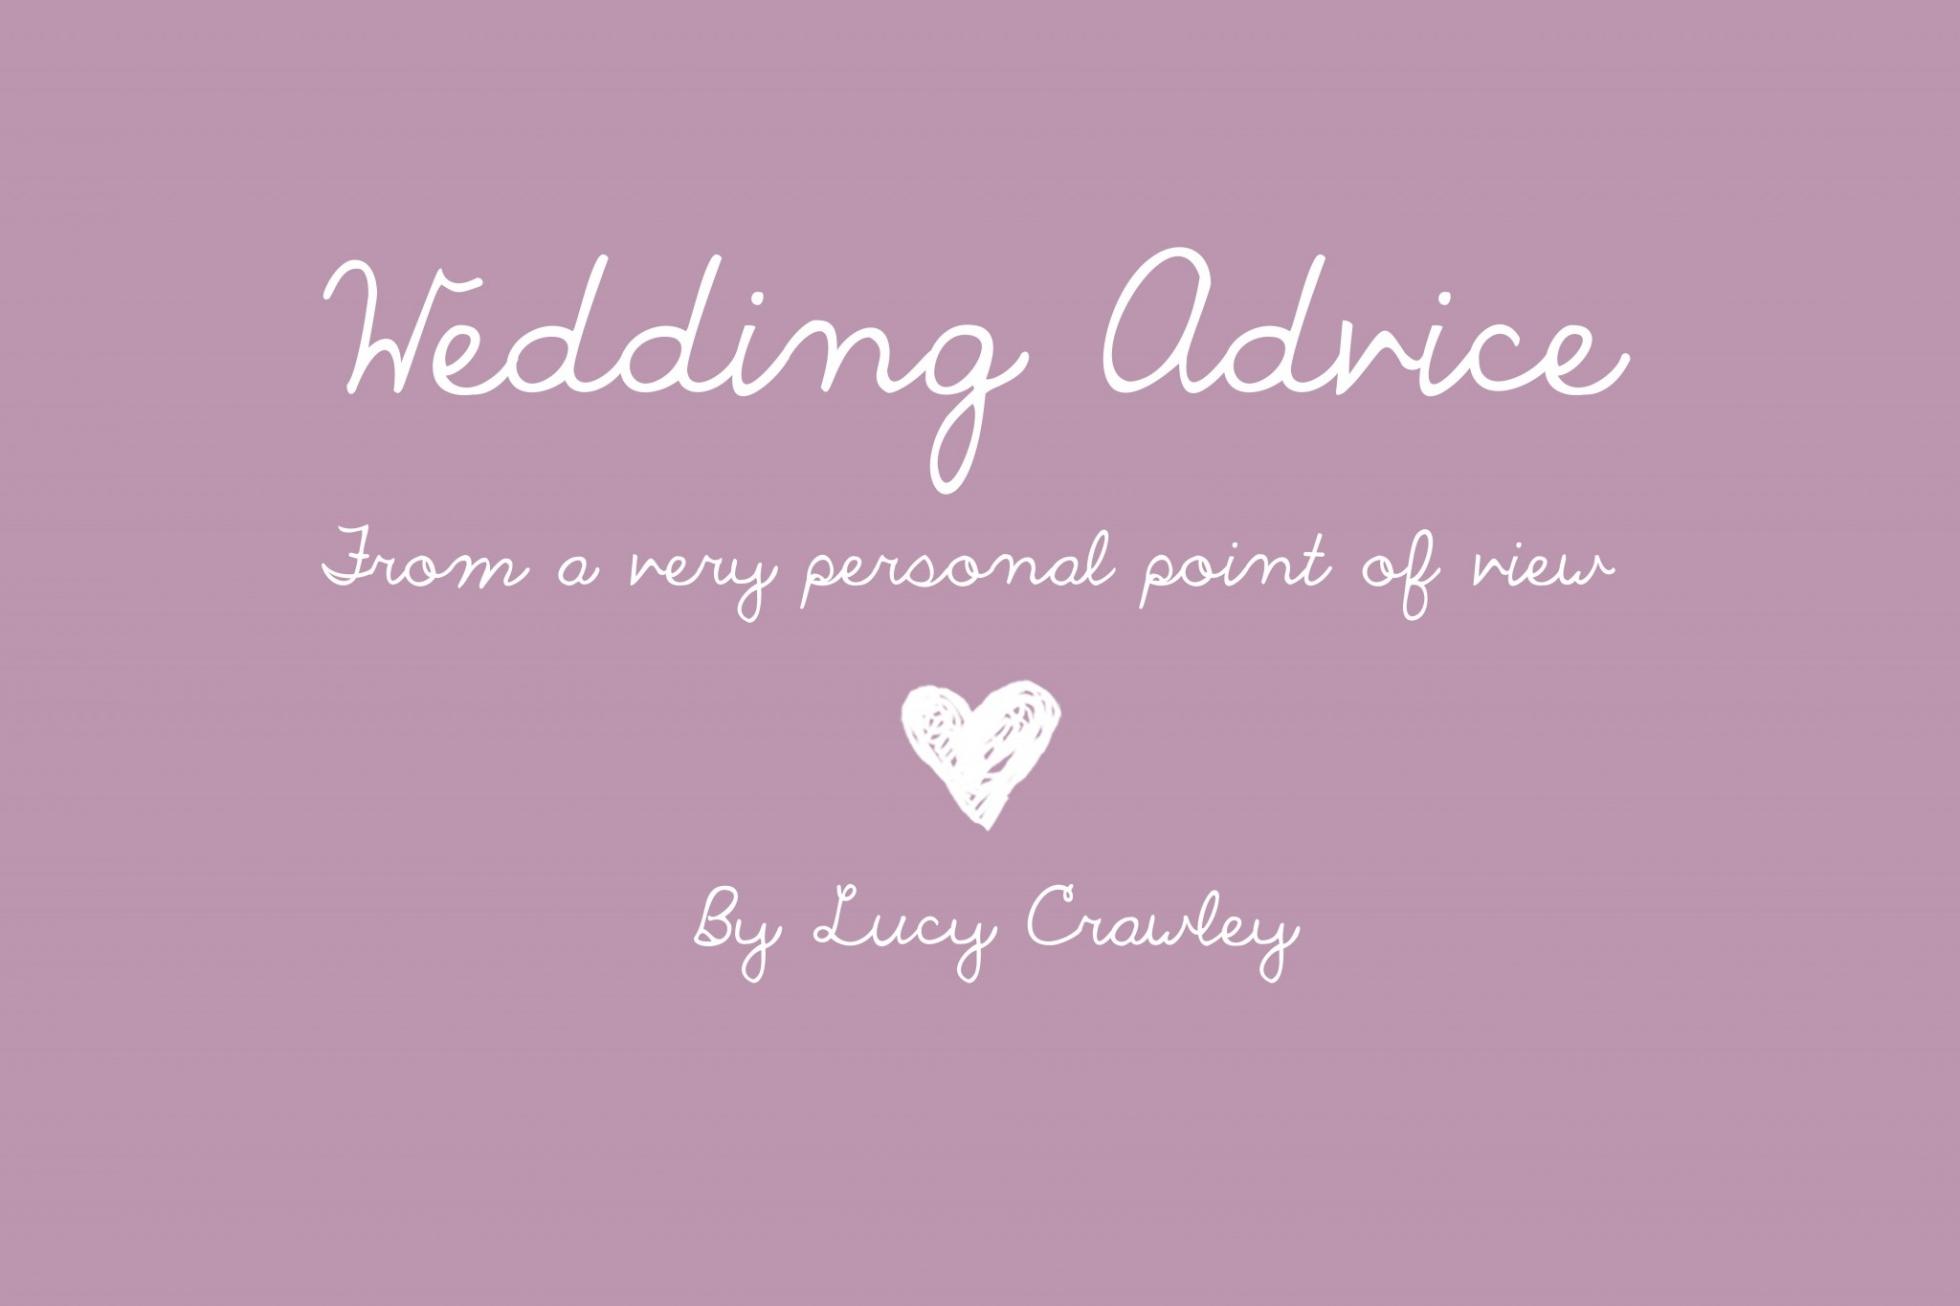 Wedding advice - Lucylou Photography - Hampshire Wedding